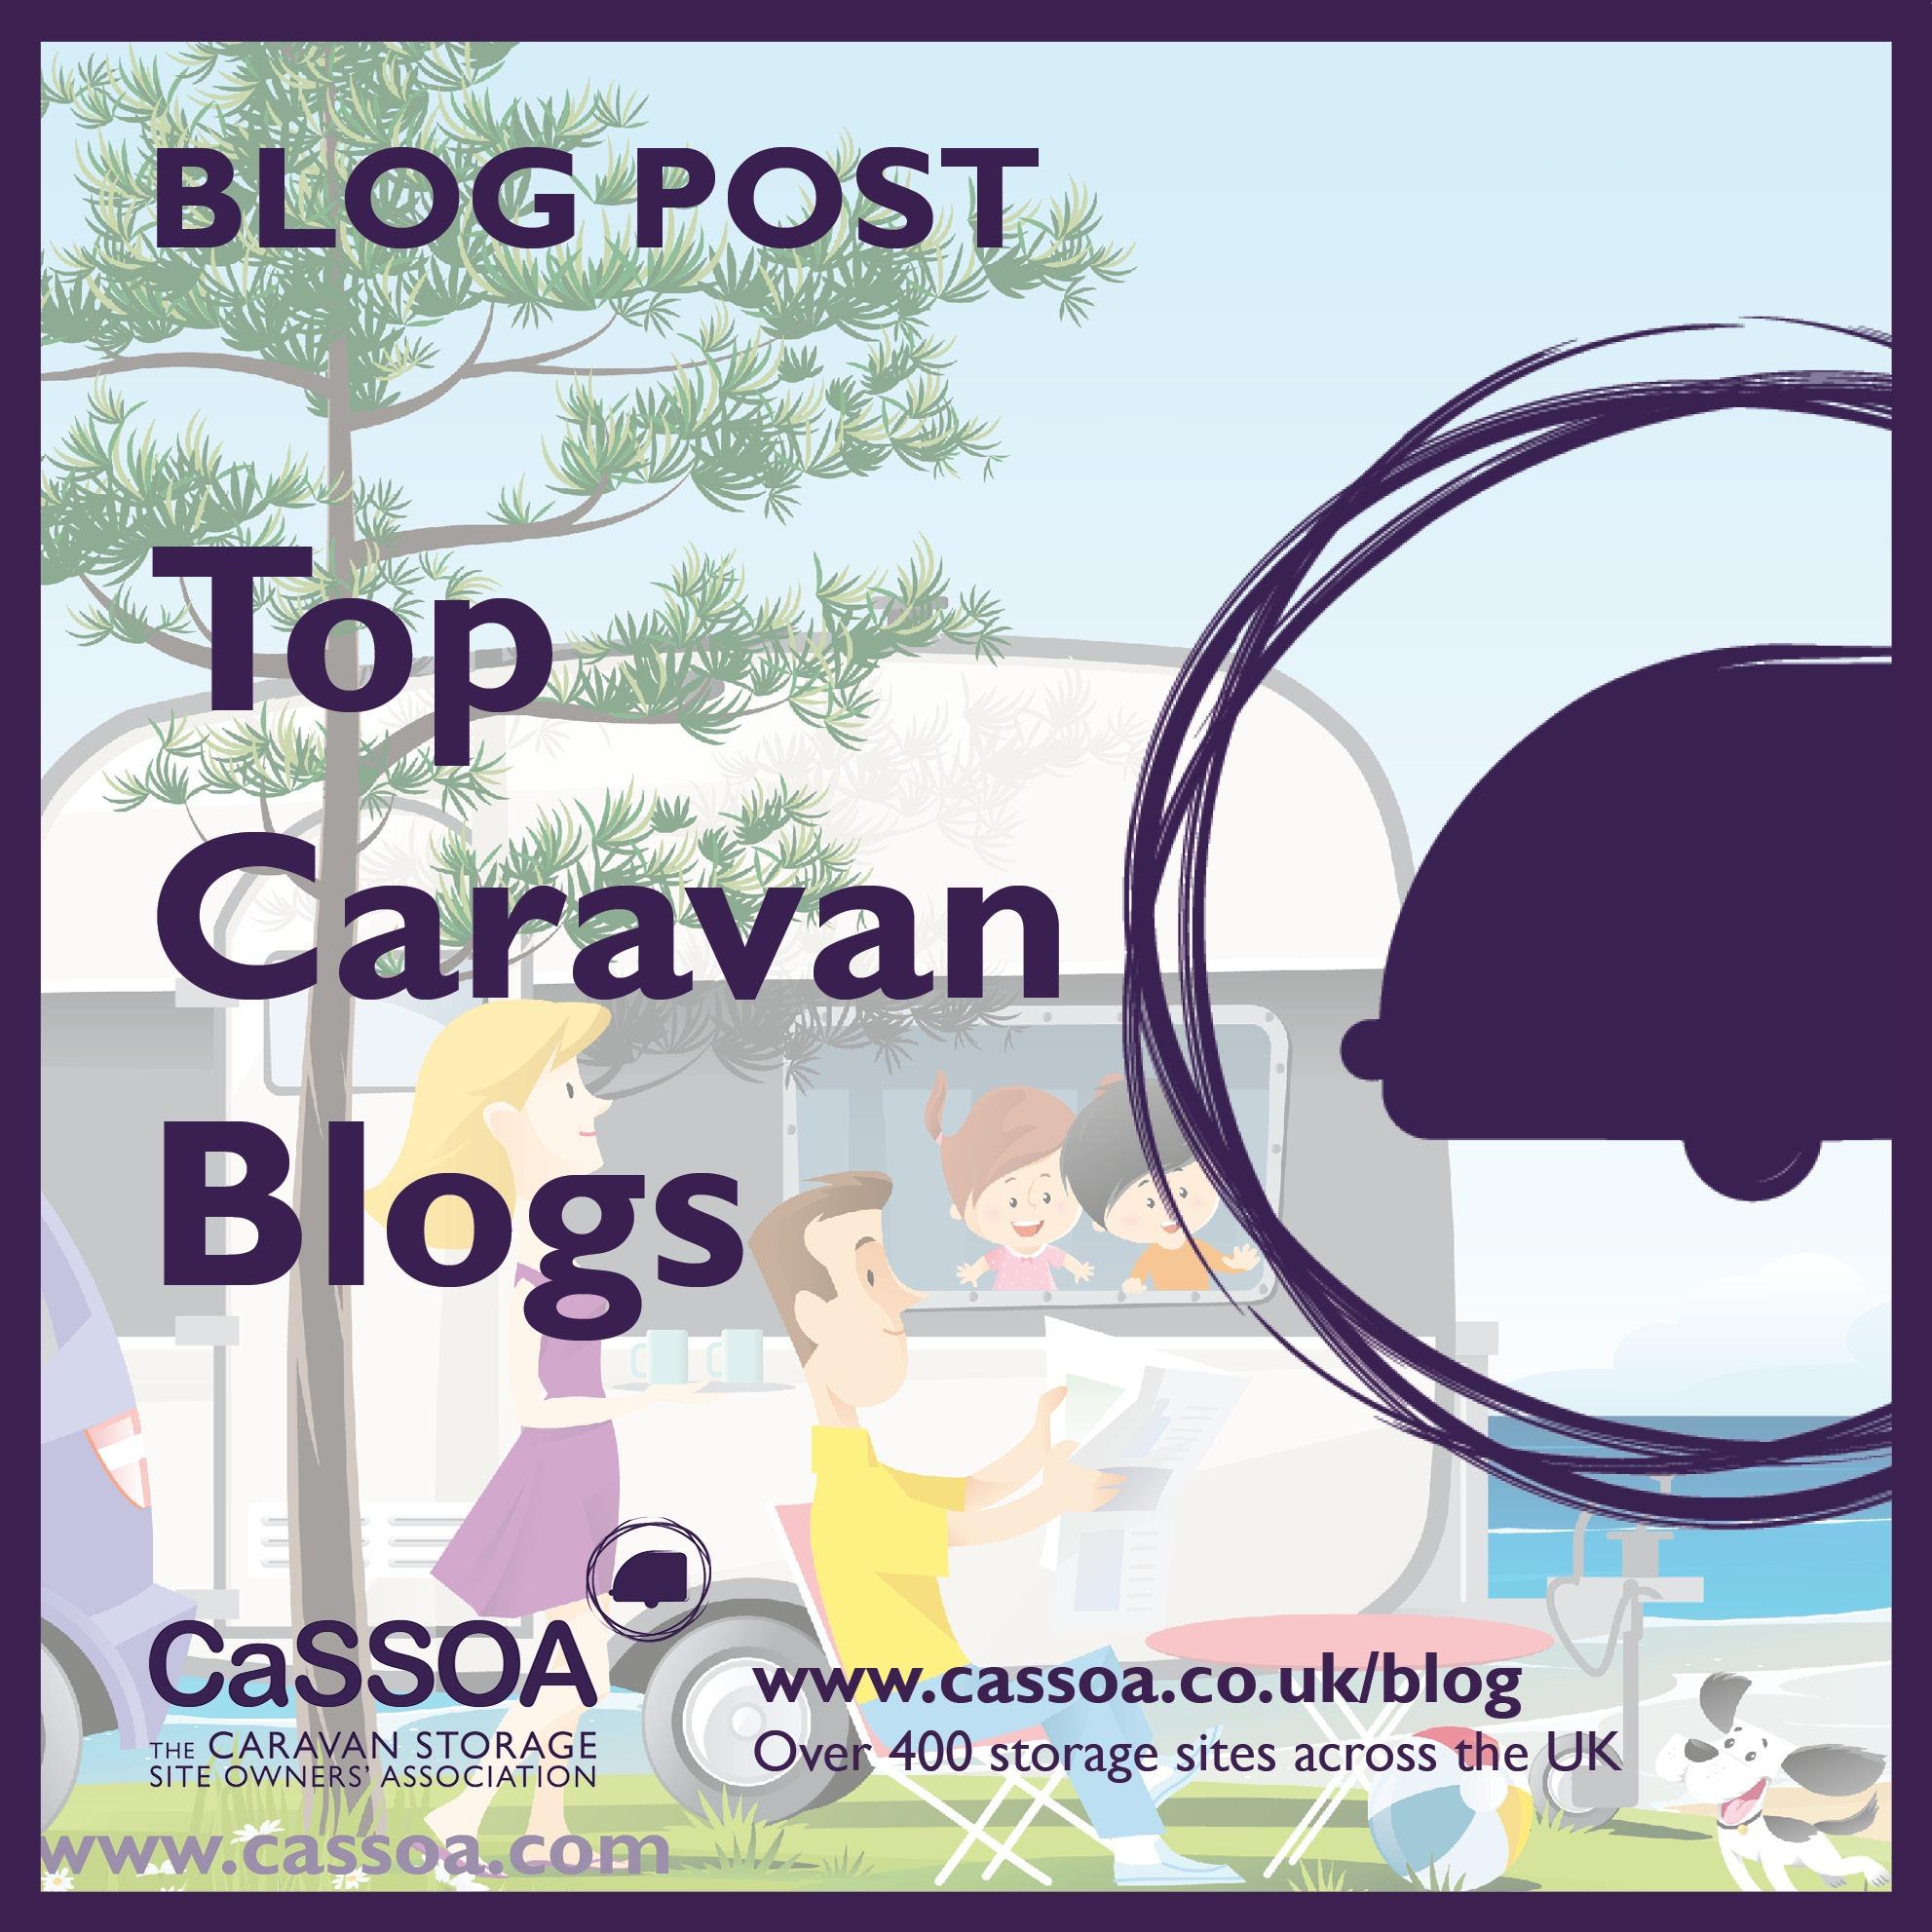 Top Caravan Blogs